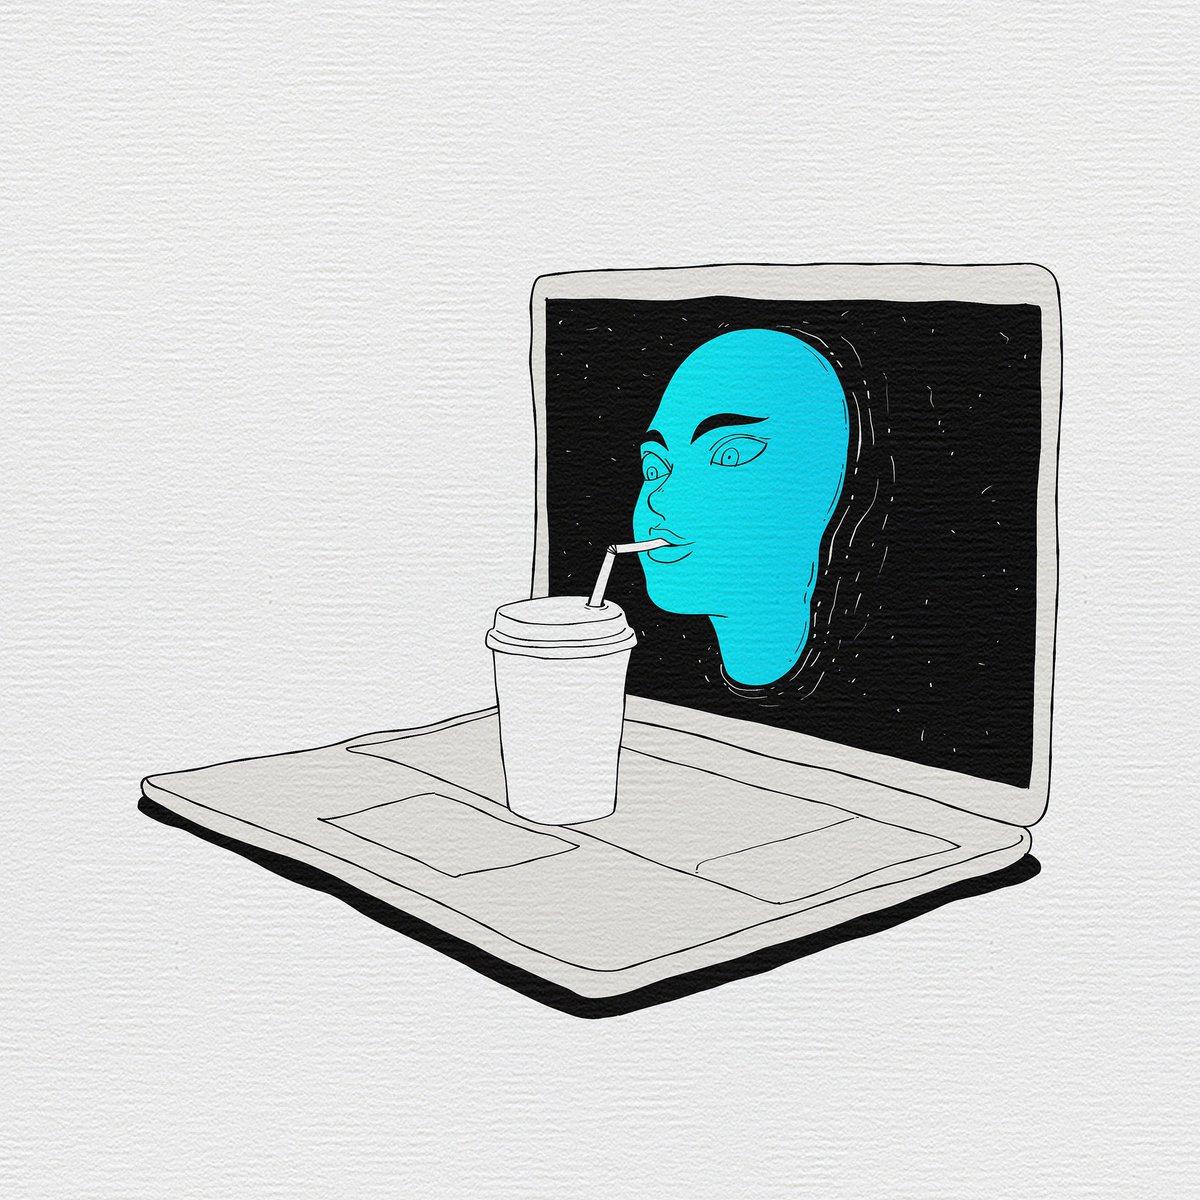 Le Drink n #Drupal en visio c'est maintenant et c'est ici que ça se passe ⬇️ https://t.co/YunE6VMLWa On vous attend pour se voir et échanger après cette quinzaine un peu particulière.  #remote #drupalfr #aperoVirtuel https://t.co/uhYseLCTet